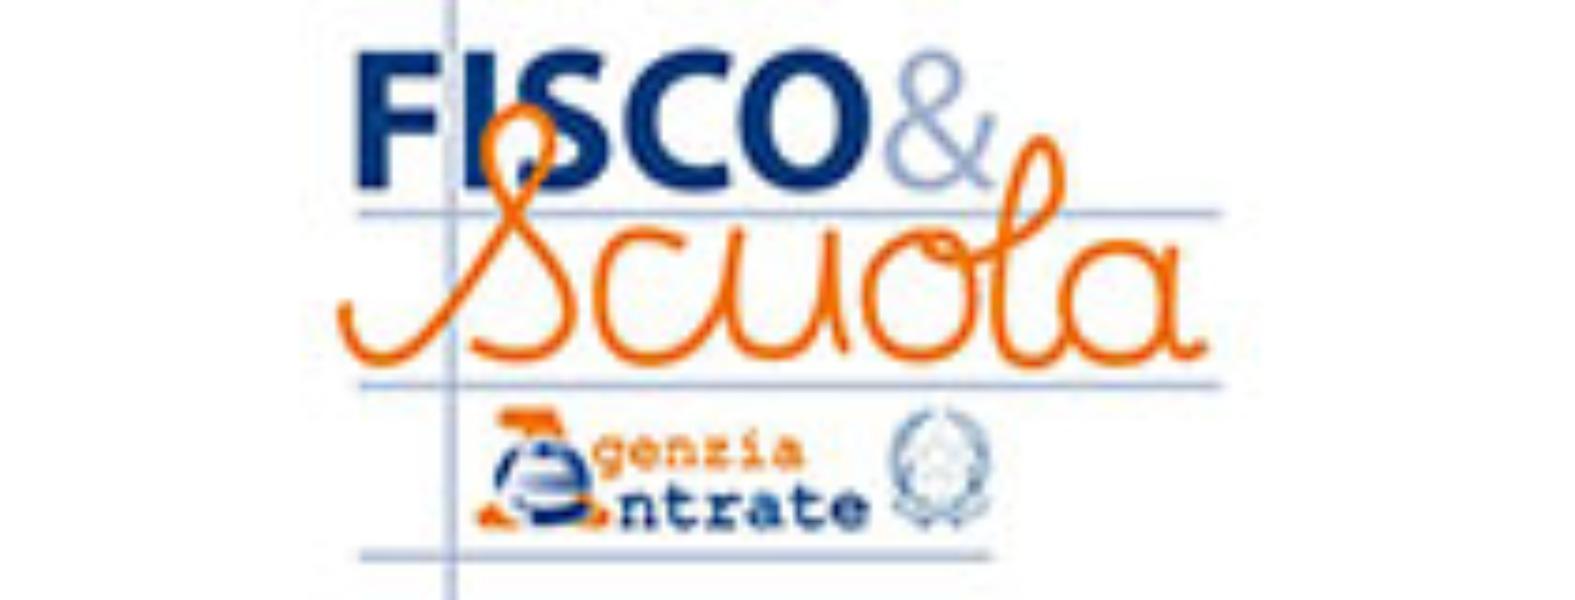 Fisco e Scuola